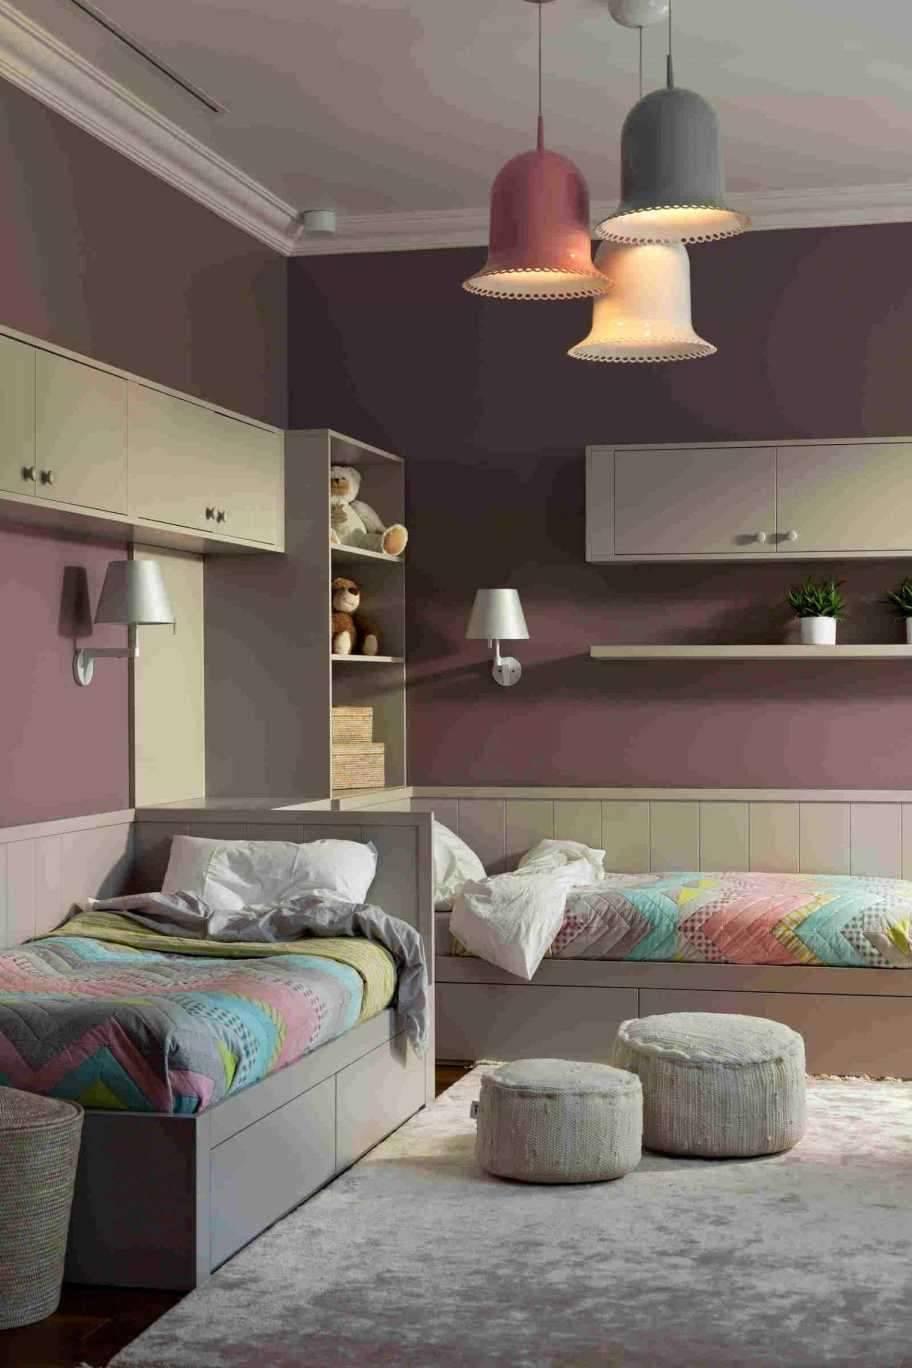 deko brunnen wohnzimmer fresh 30 schon solar deko garten luxus of deko brunnen wohnzimmer